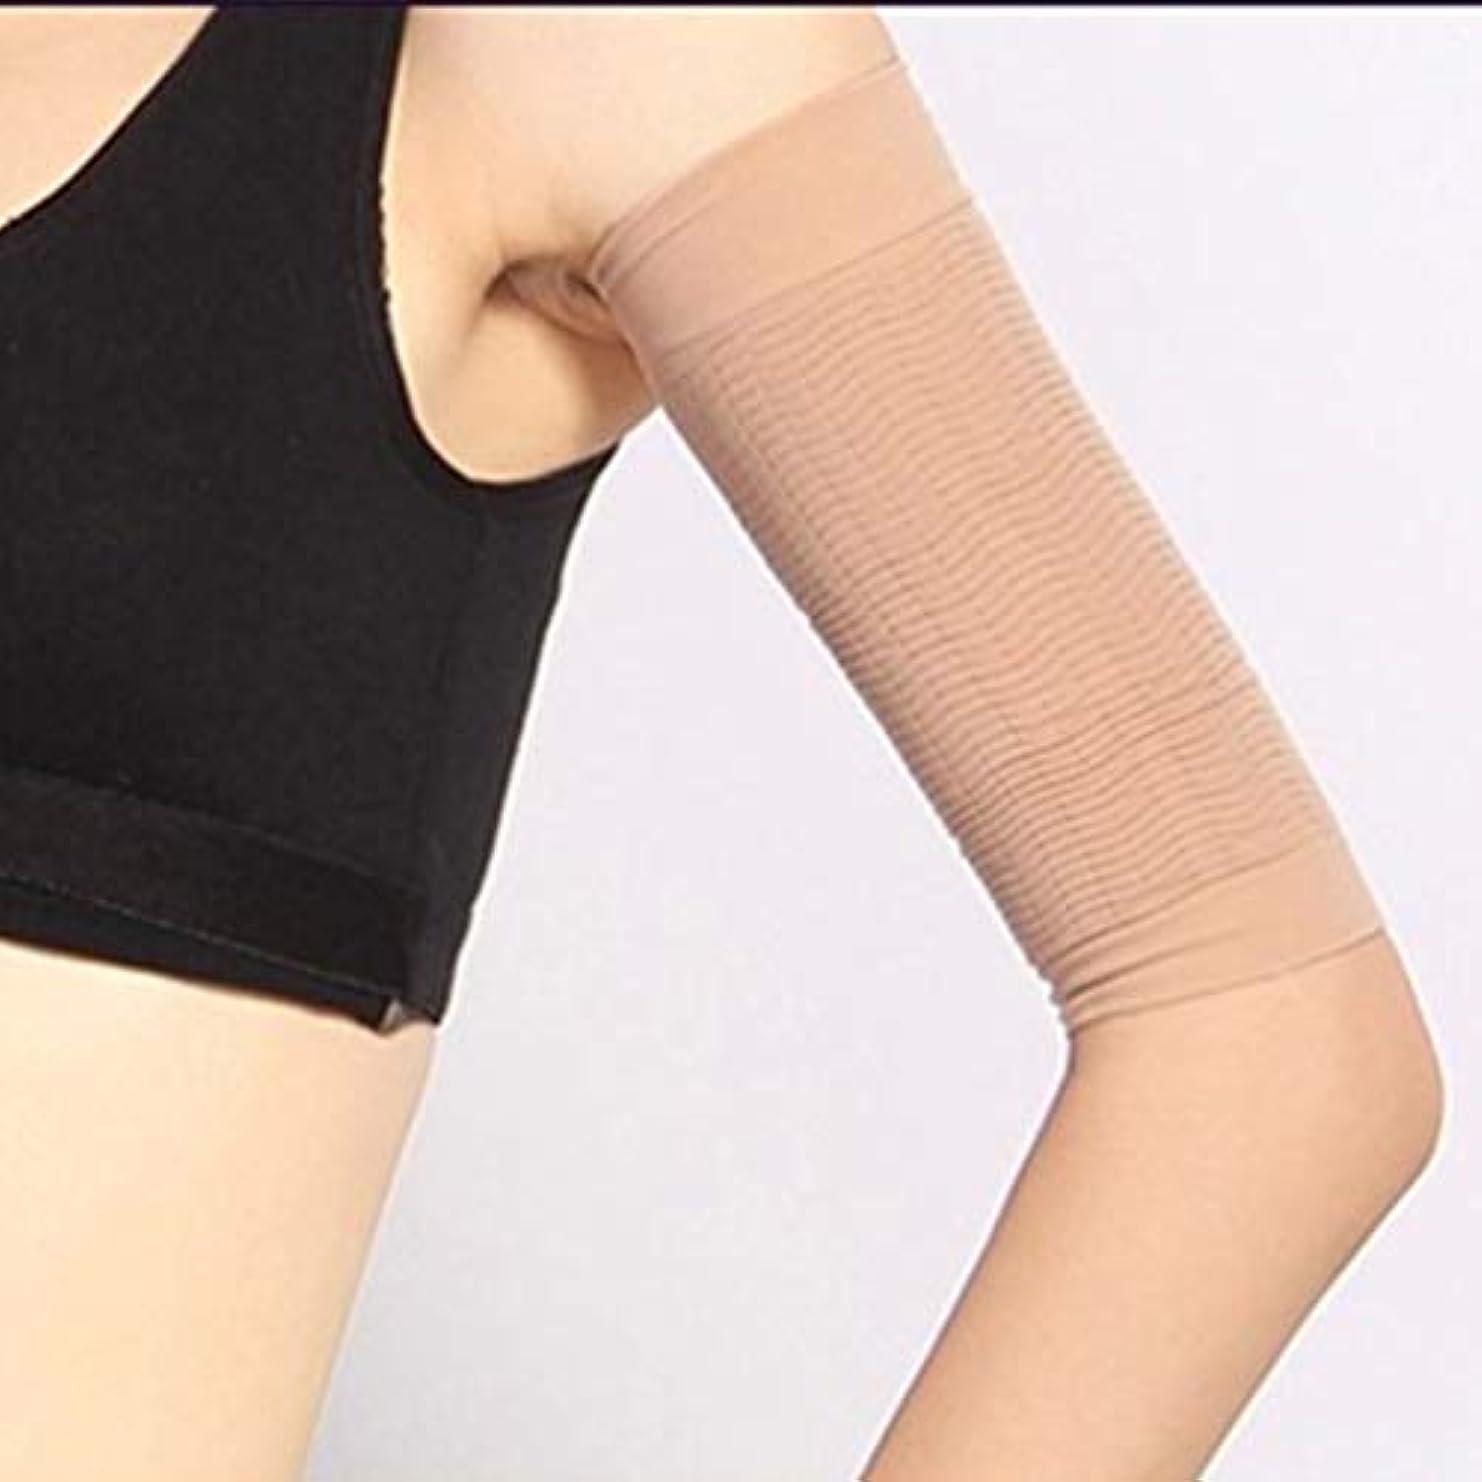 呼び起こす温帯競う1ペア420 D圧縮痩身アームスリーブワークアウトトーニングバーンセルライトシェイパー脂肪燃焼袖用女性 - 肌色